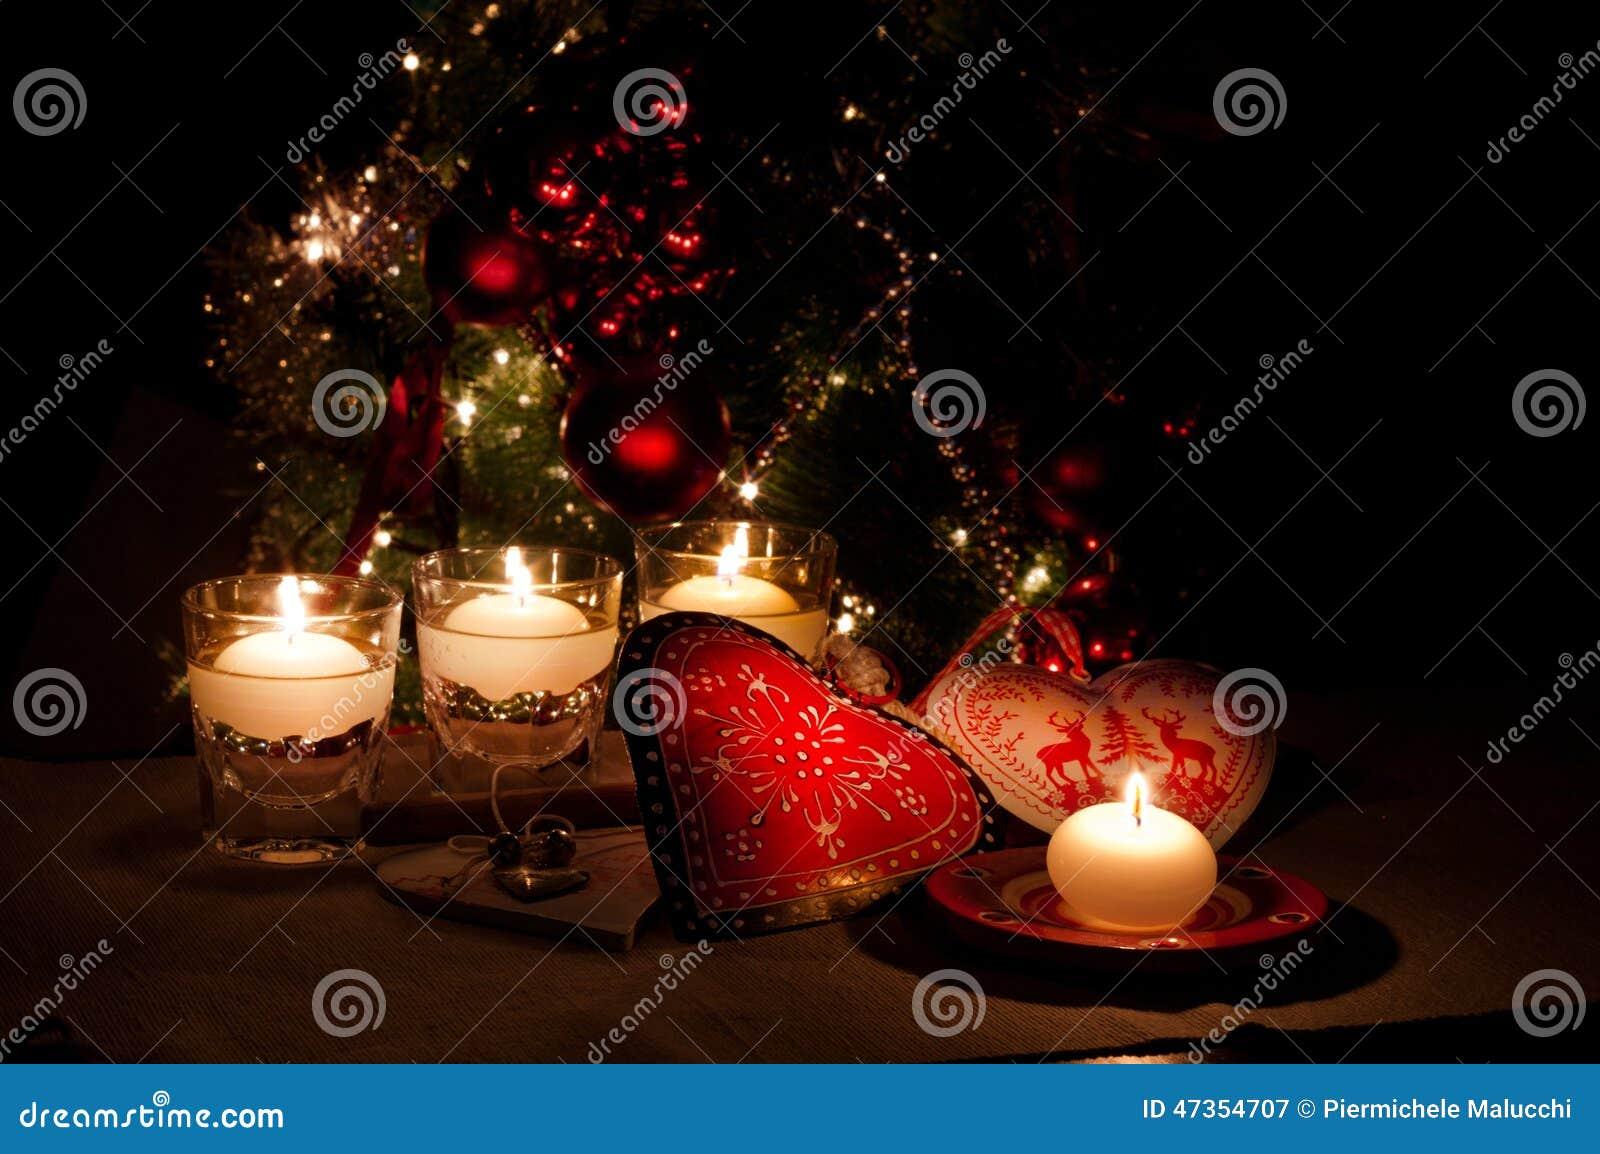 Frohe Weihnachten Herz.Herzen Dekorationen Und Weihnachtslichter Frohe Weihnachten